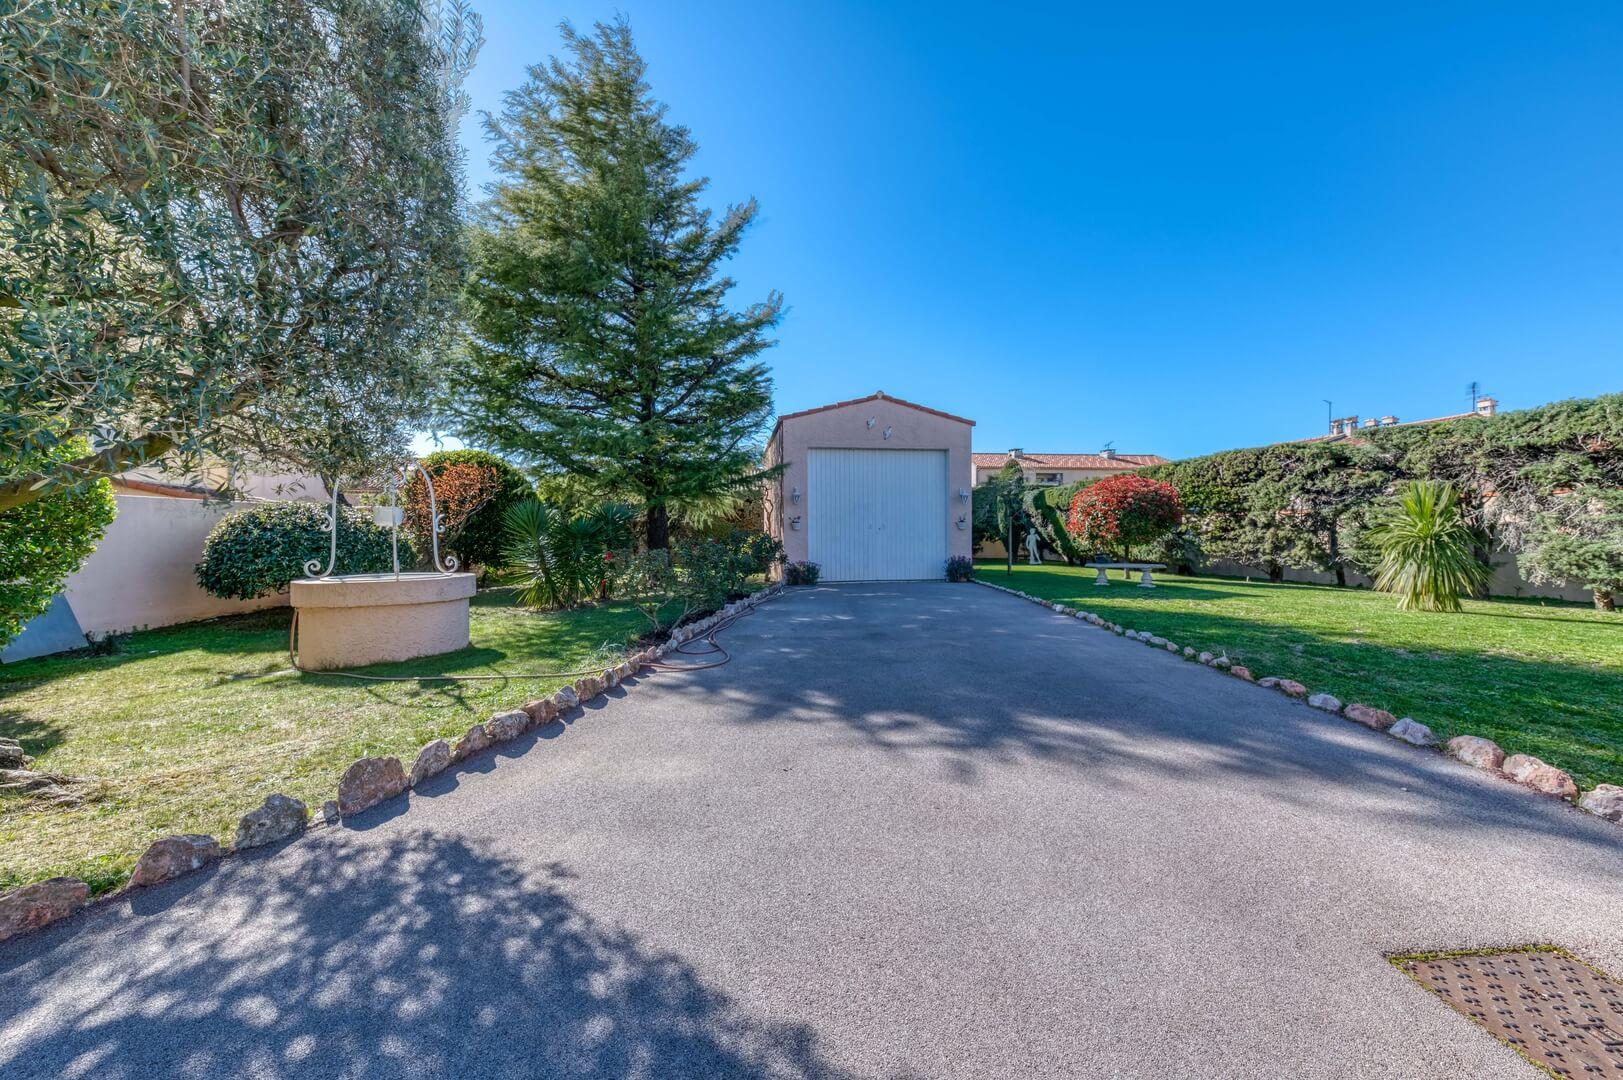 Homki - Vente Terrain  de 510.0 m² à Marignane 13700